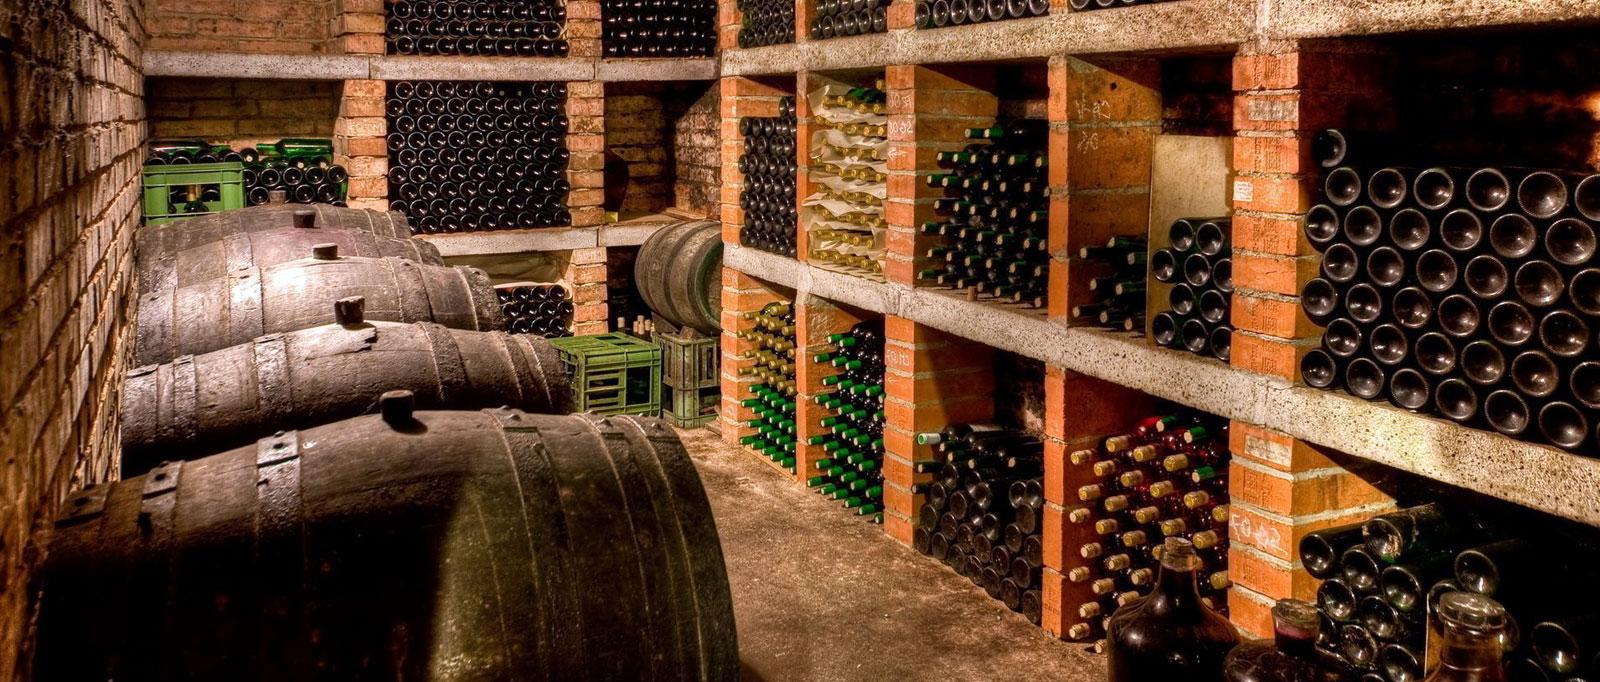 slider-vinski-podrum-4